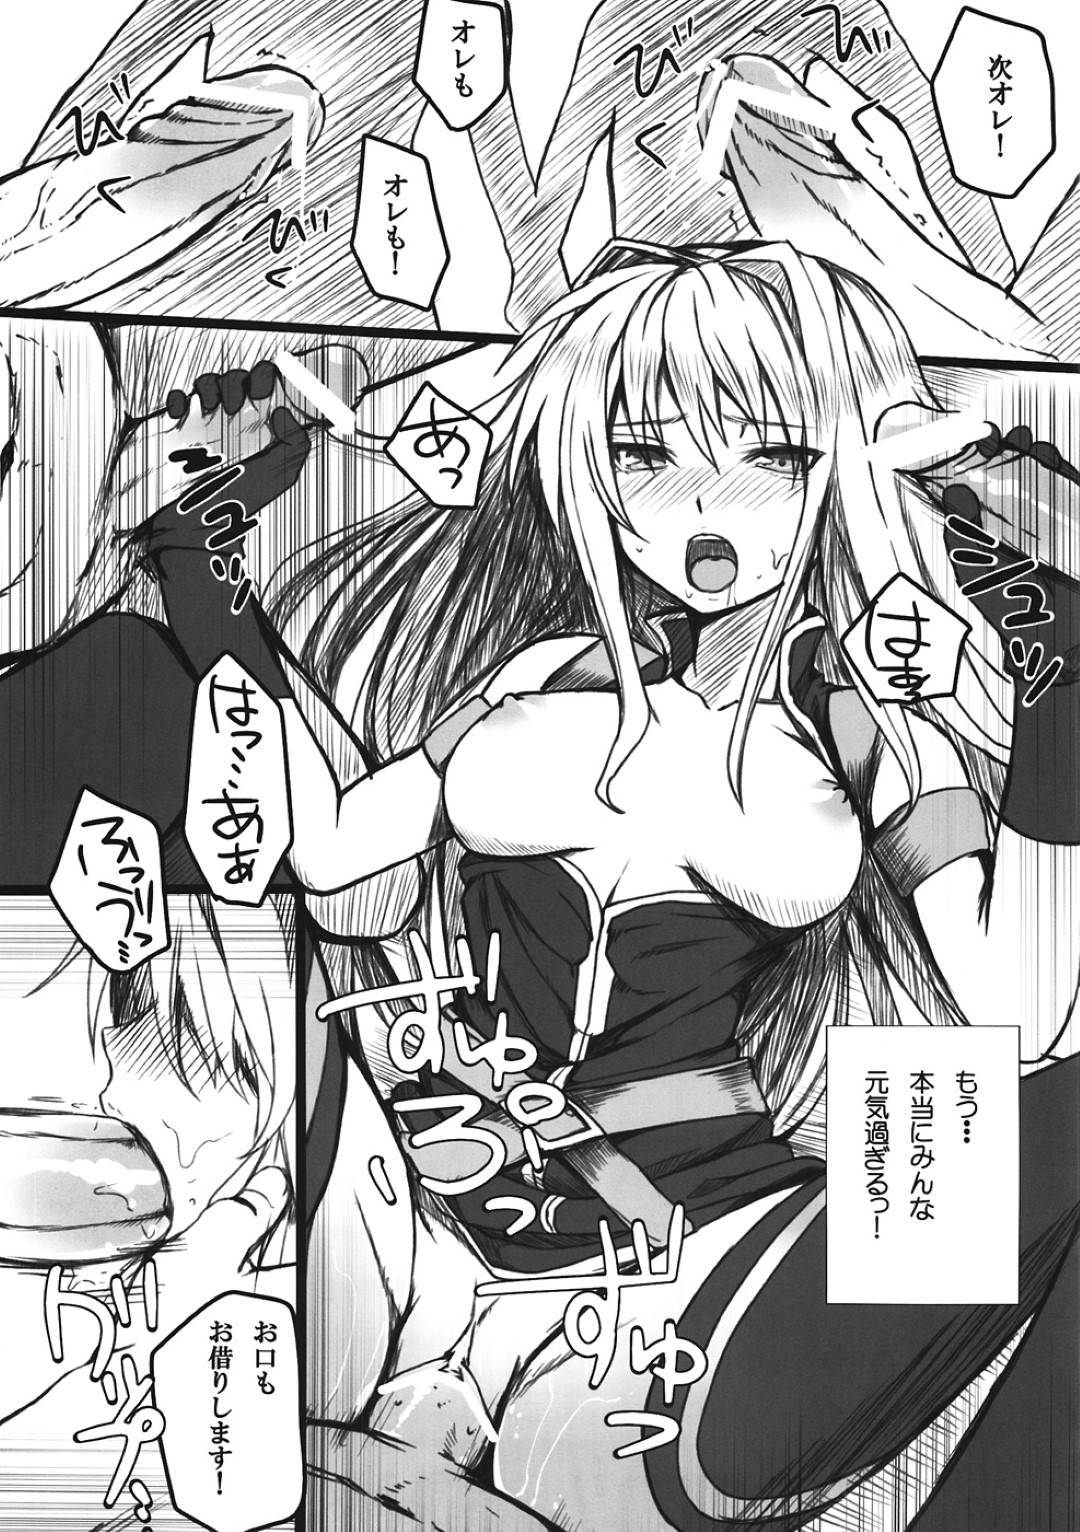 【エロ同人誌】(C82) なのはに頼まれ教導隊の手伝いをすることになったフェイト…隊員に挨拶した後に差し出されたのは複数のチンポ!なのはに恥をかかせないためよくわからないまま状況を受け入れる!隊員たちの性処理を行い精子まみれでお手伝い完了!【N.S Craft (さいもん):MASSIVE WONDERS/魔法少女リリカルなのは】